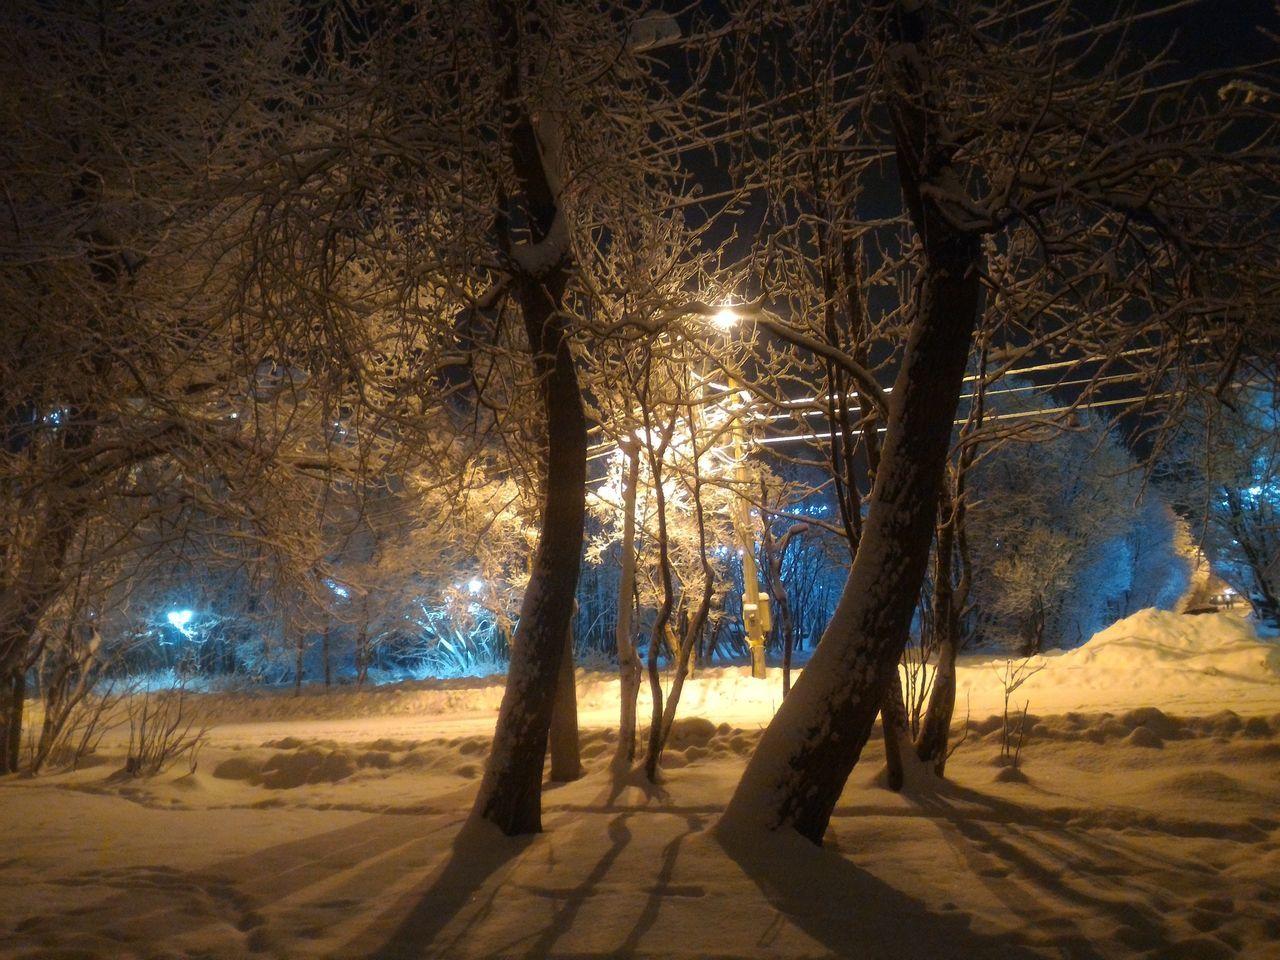 My Year My View Snow Day Illuminated SNOW NIGHT No People Winter Snow Night Light Tree Night Snow Snow ❄ City